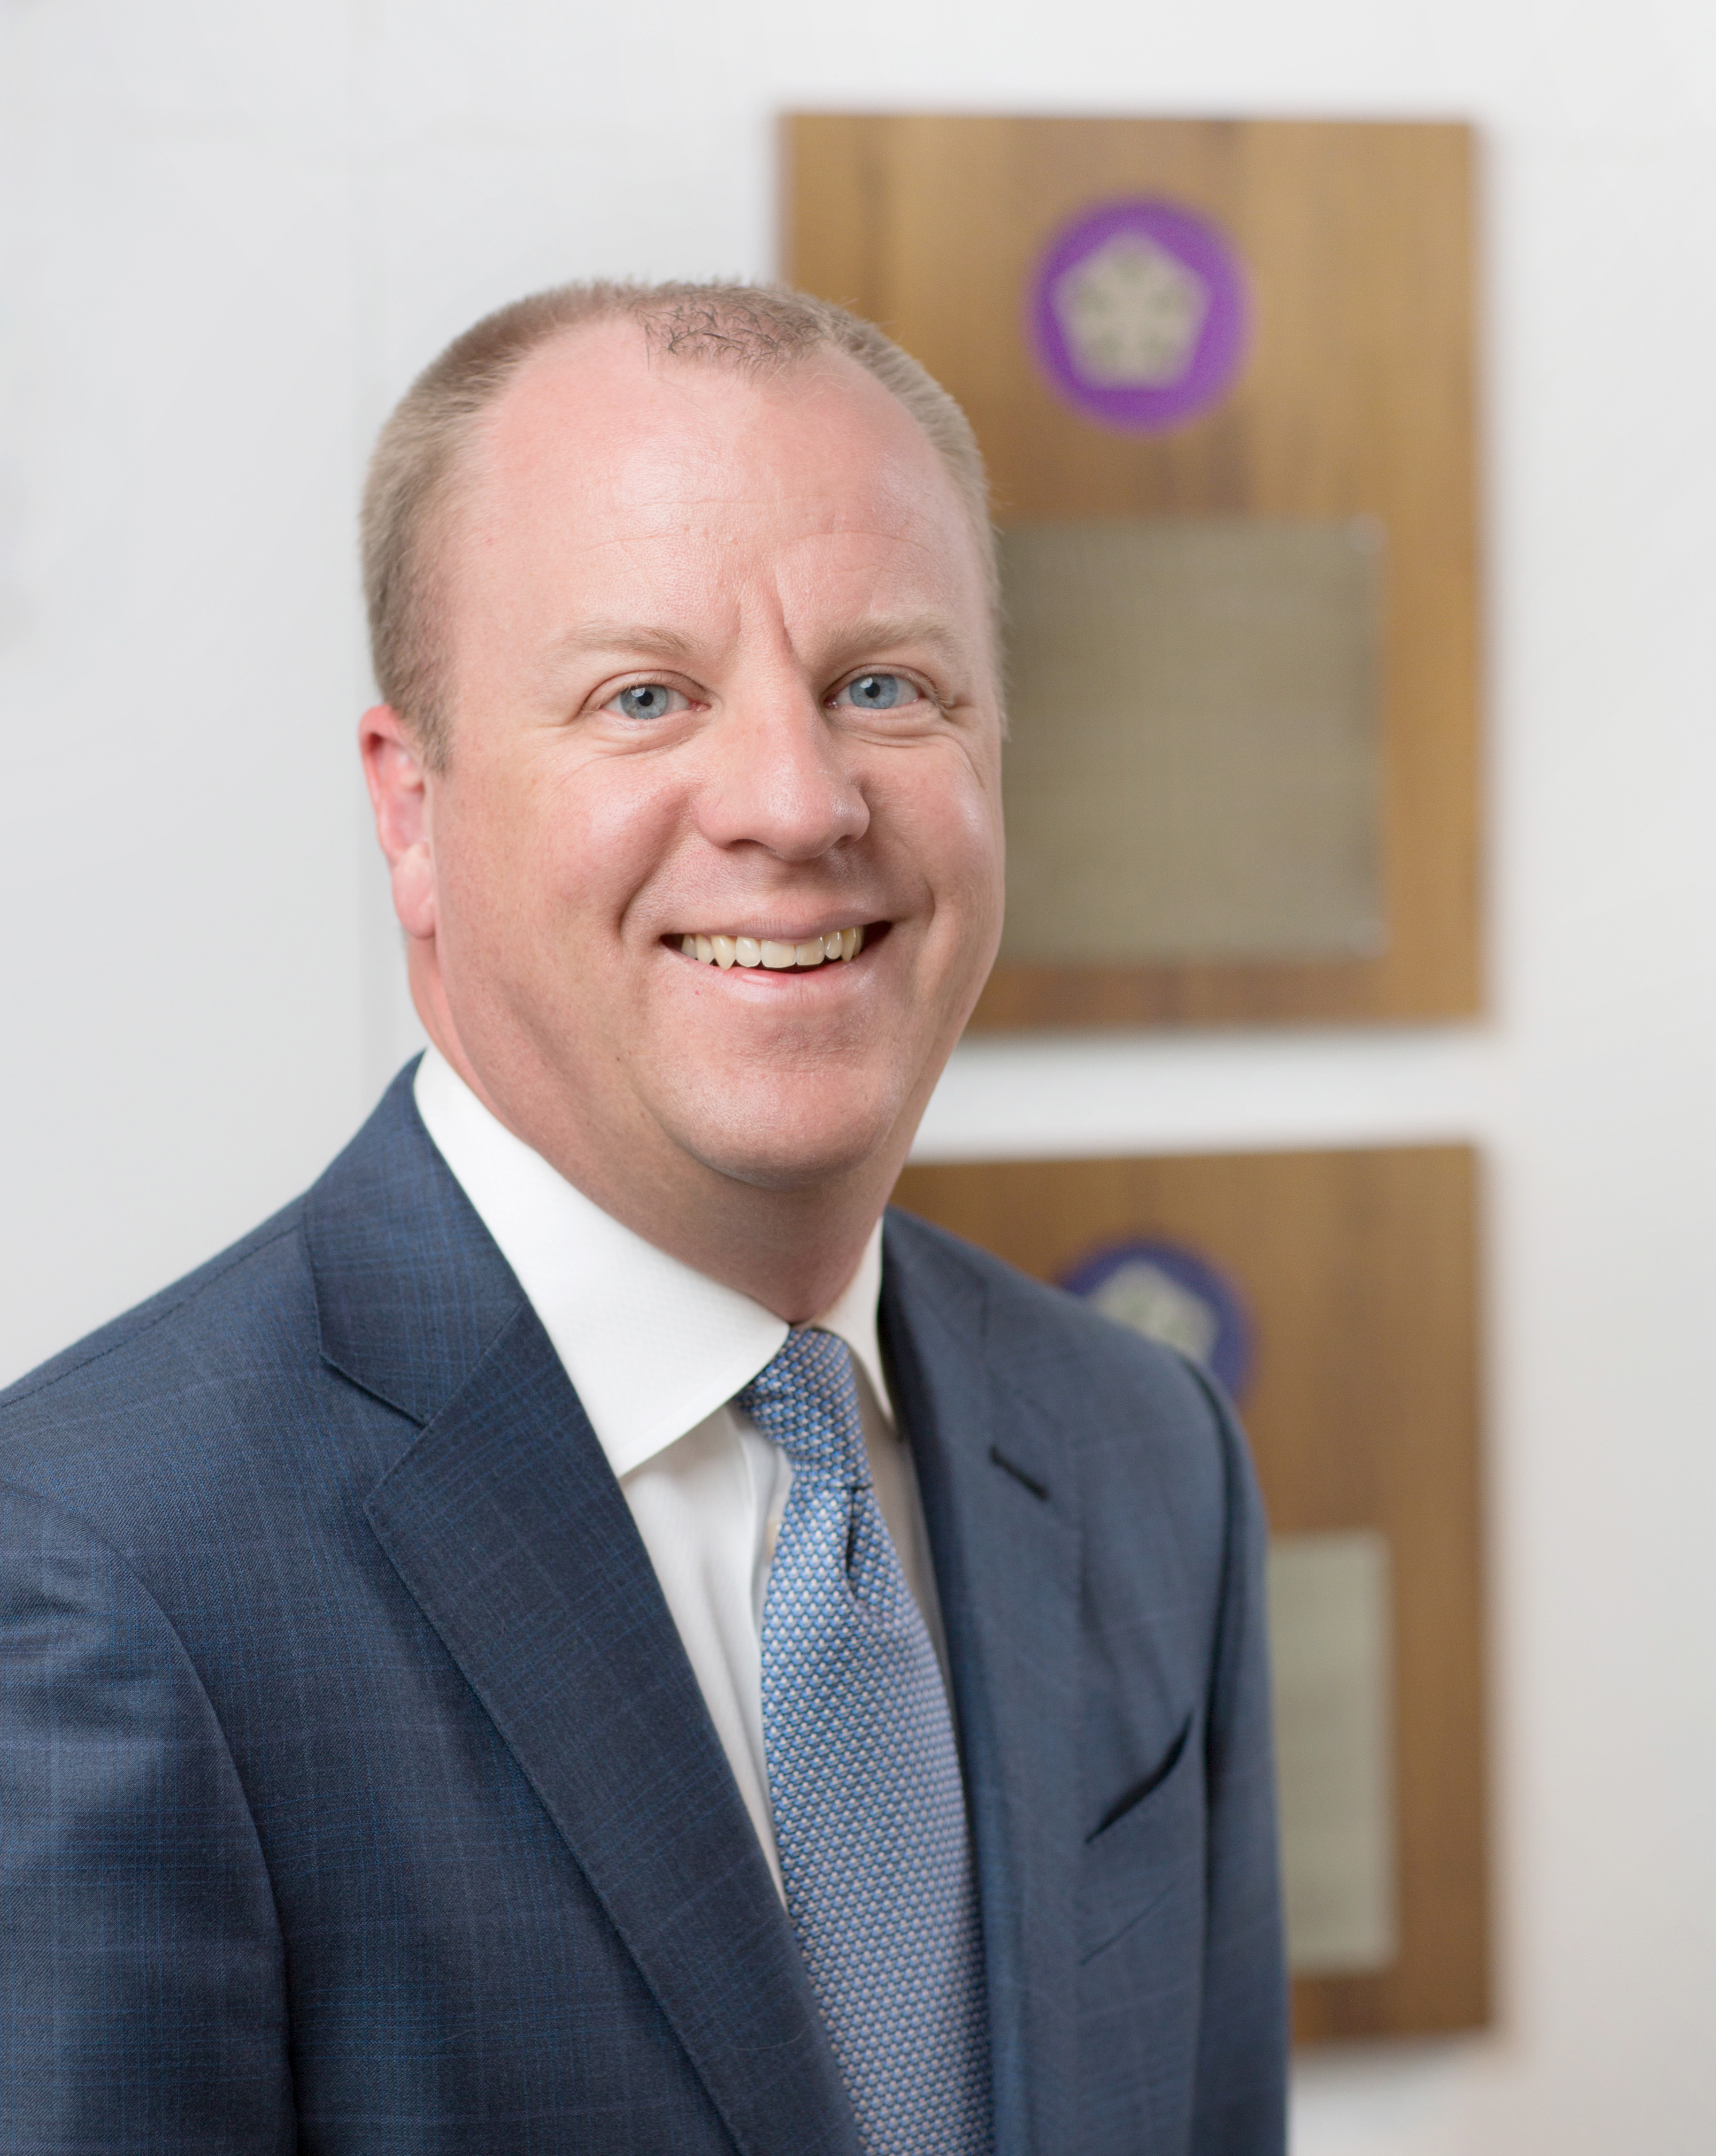 Bert Nappier - prezes FedEx Express i dyrektor TNT